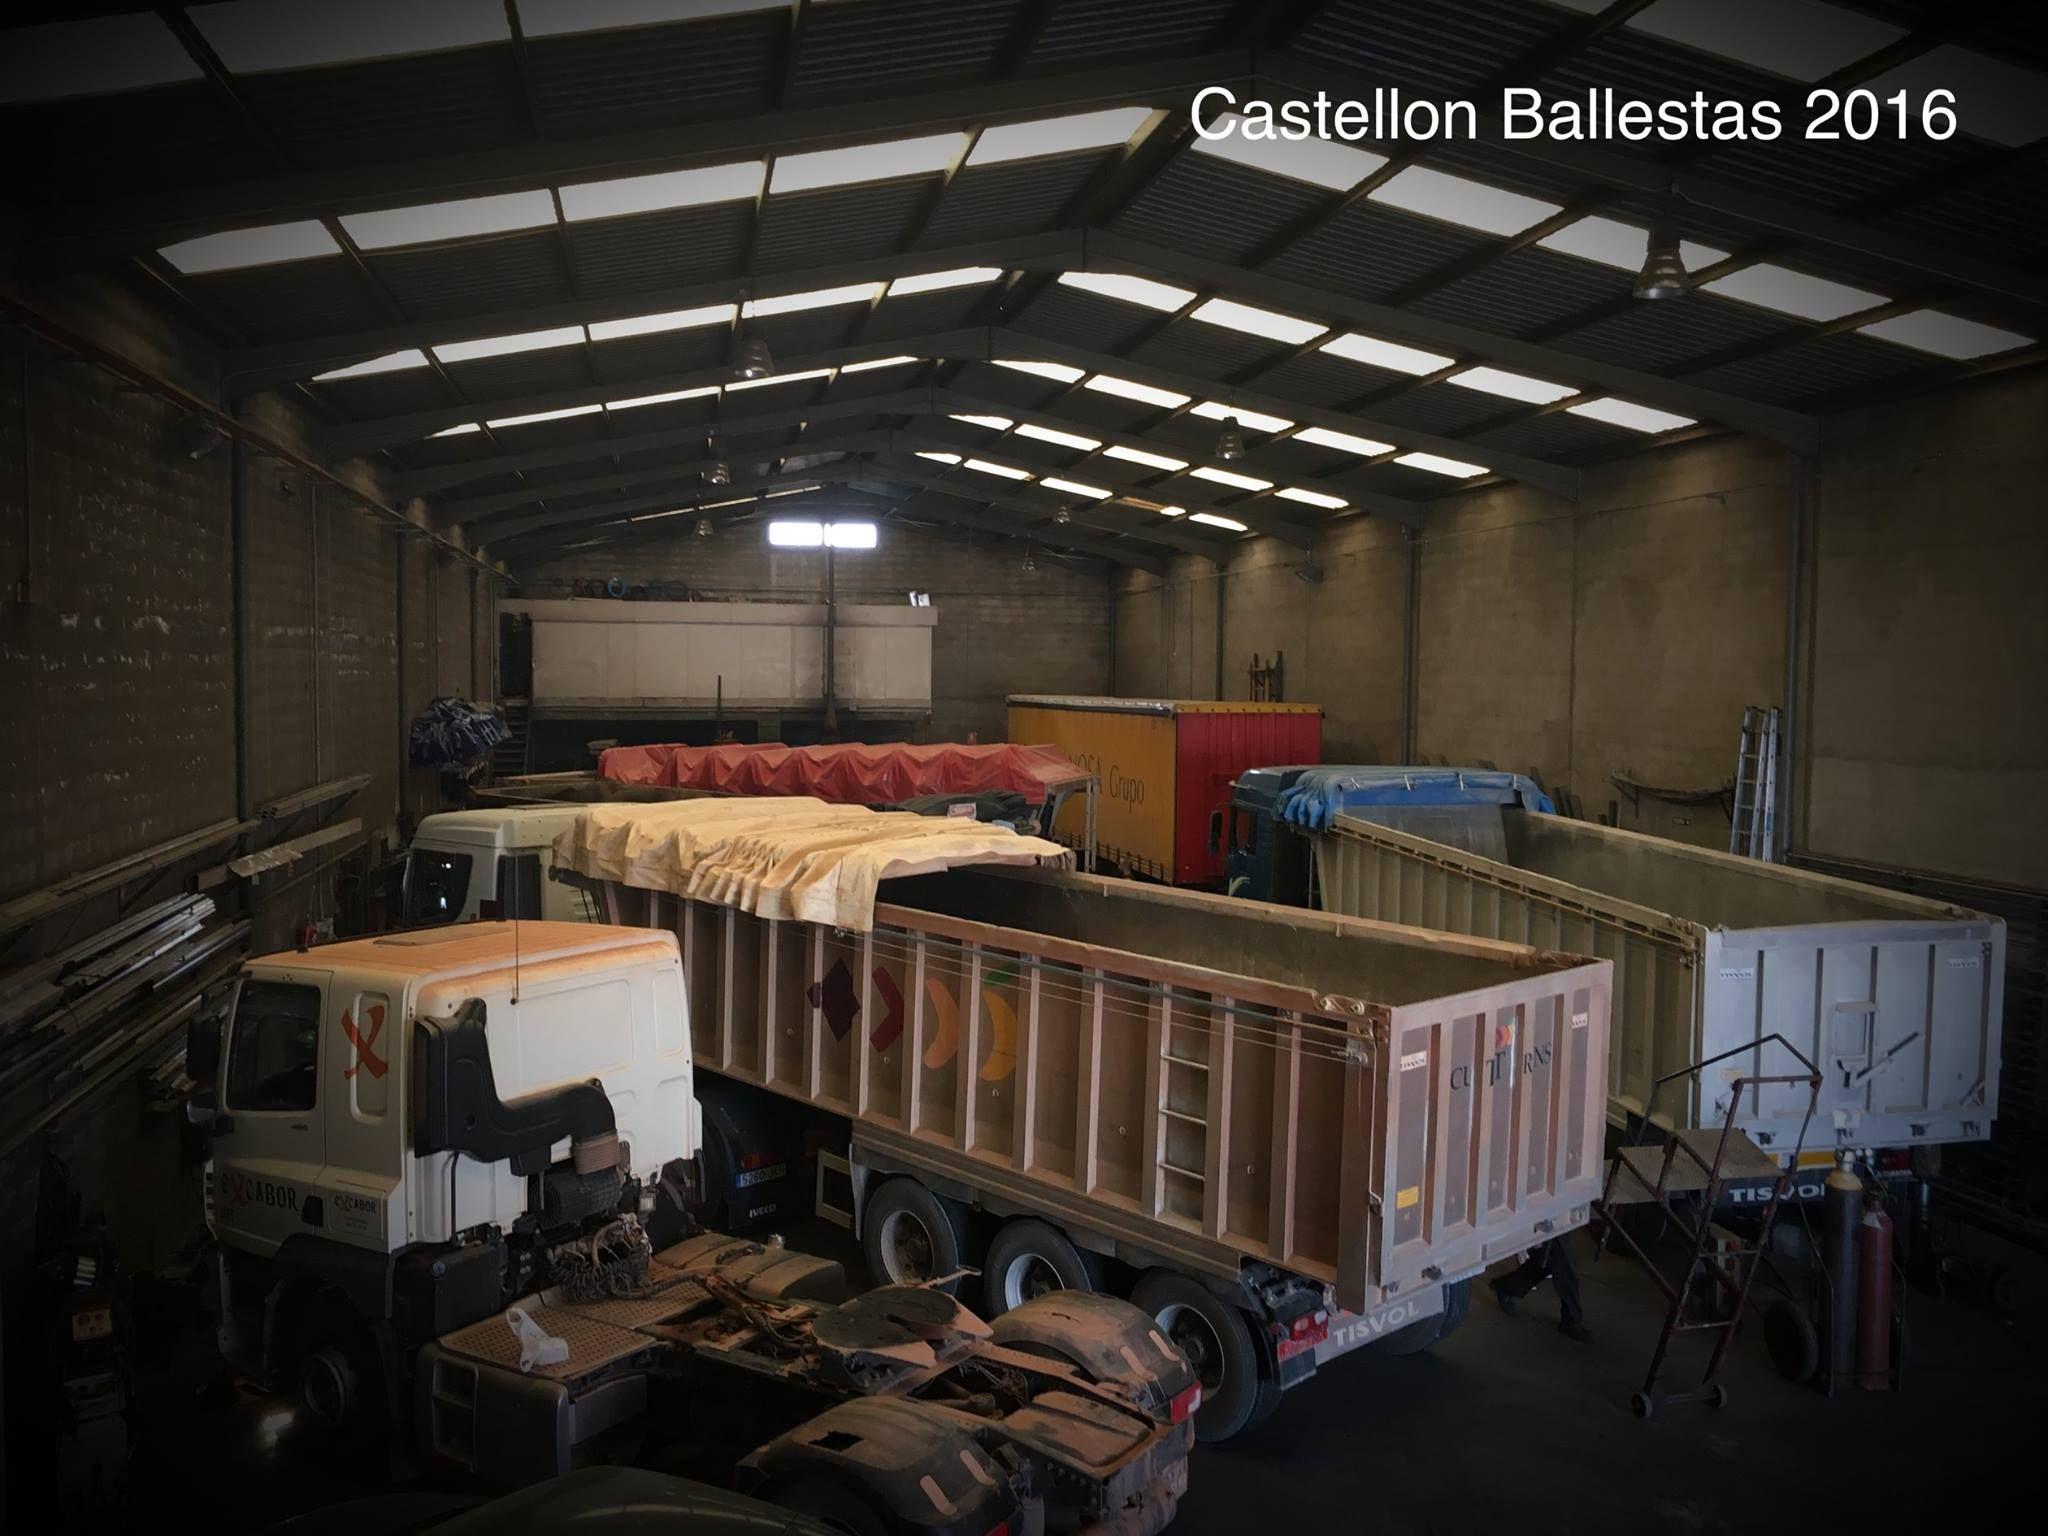 Montaje de toldos: Servicios de Castellón Ballestas 2016